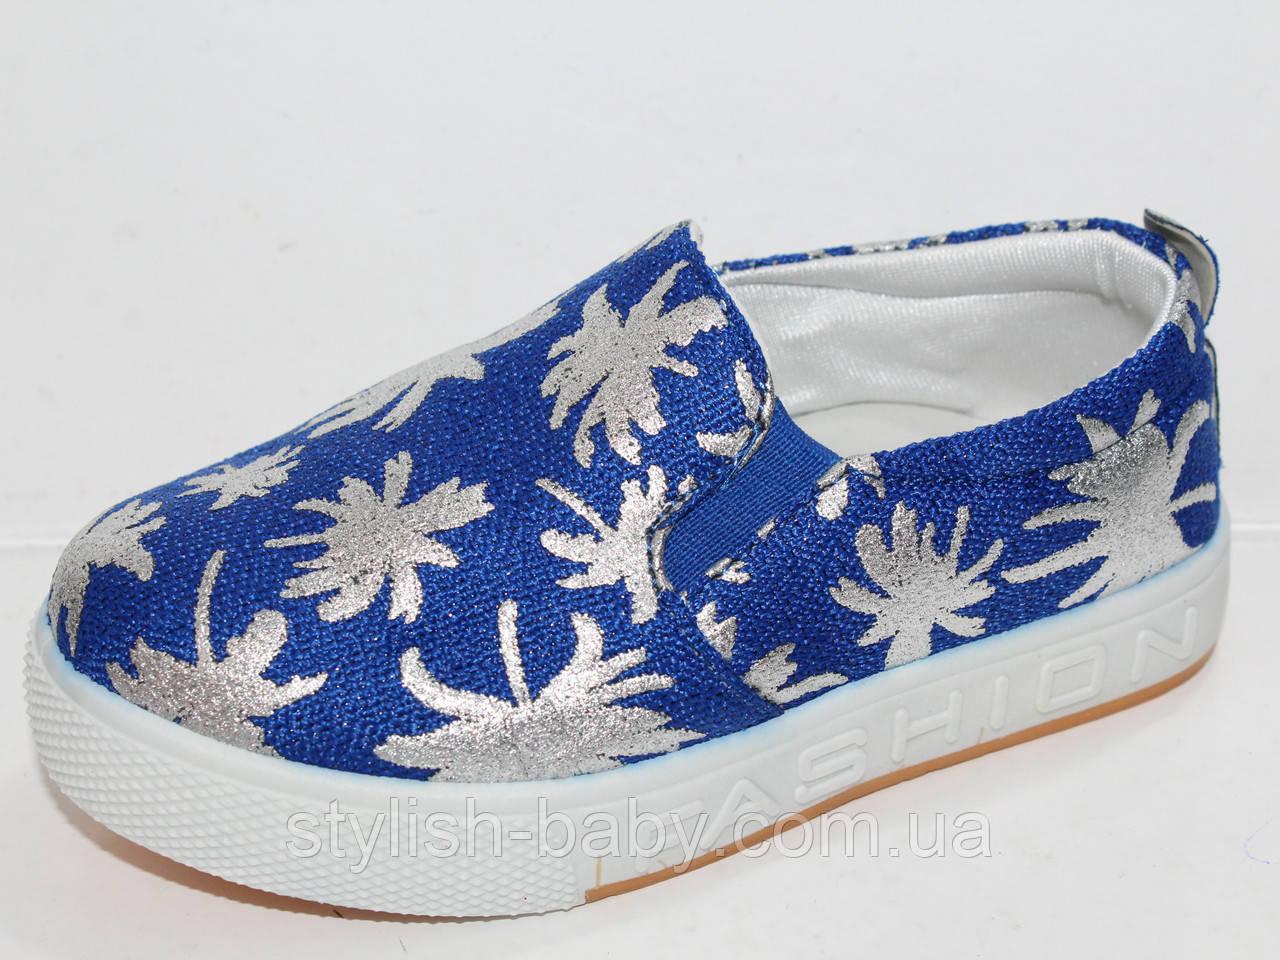 Детская спортивная обувь. Детские кеды - слипоны бренда С.Луч для девочек (рр. с 25 по 30)